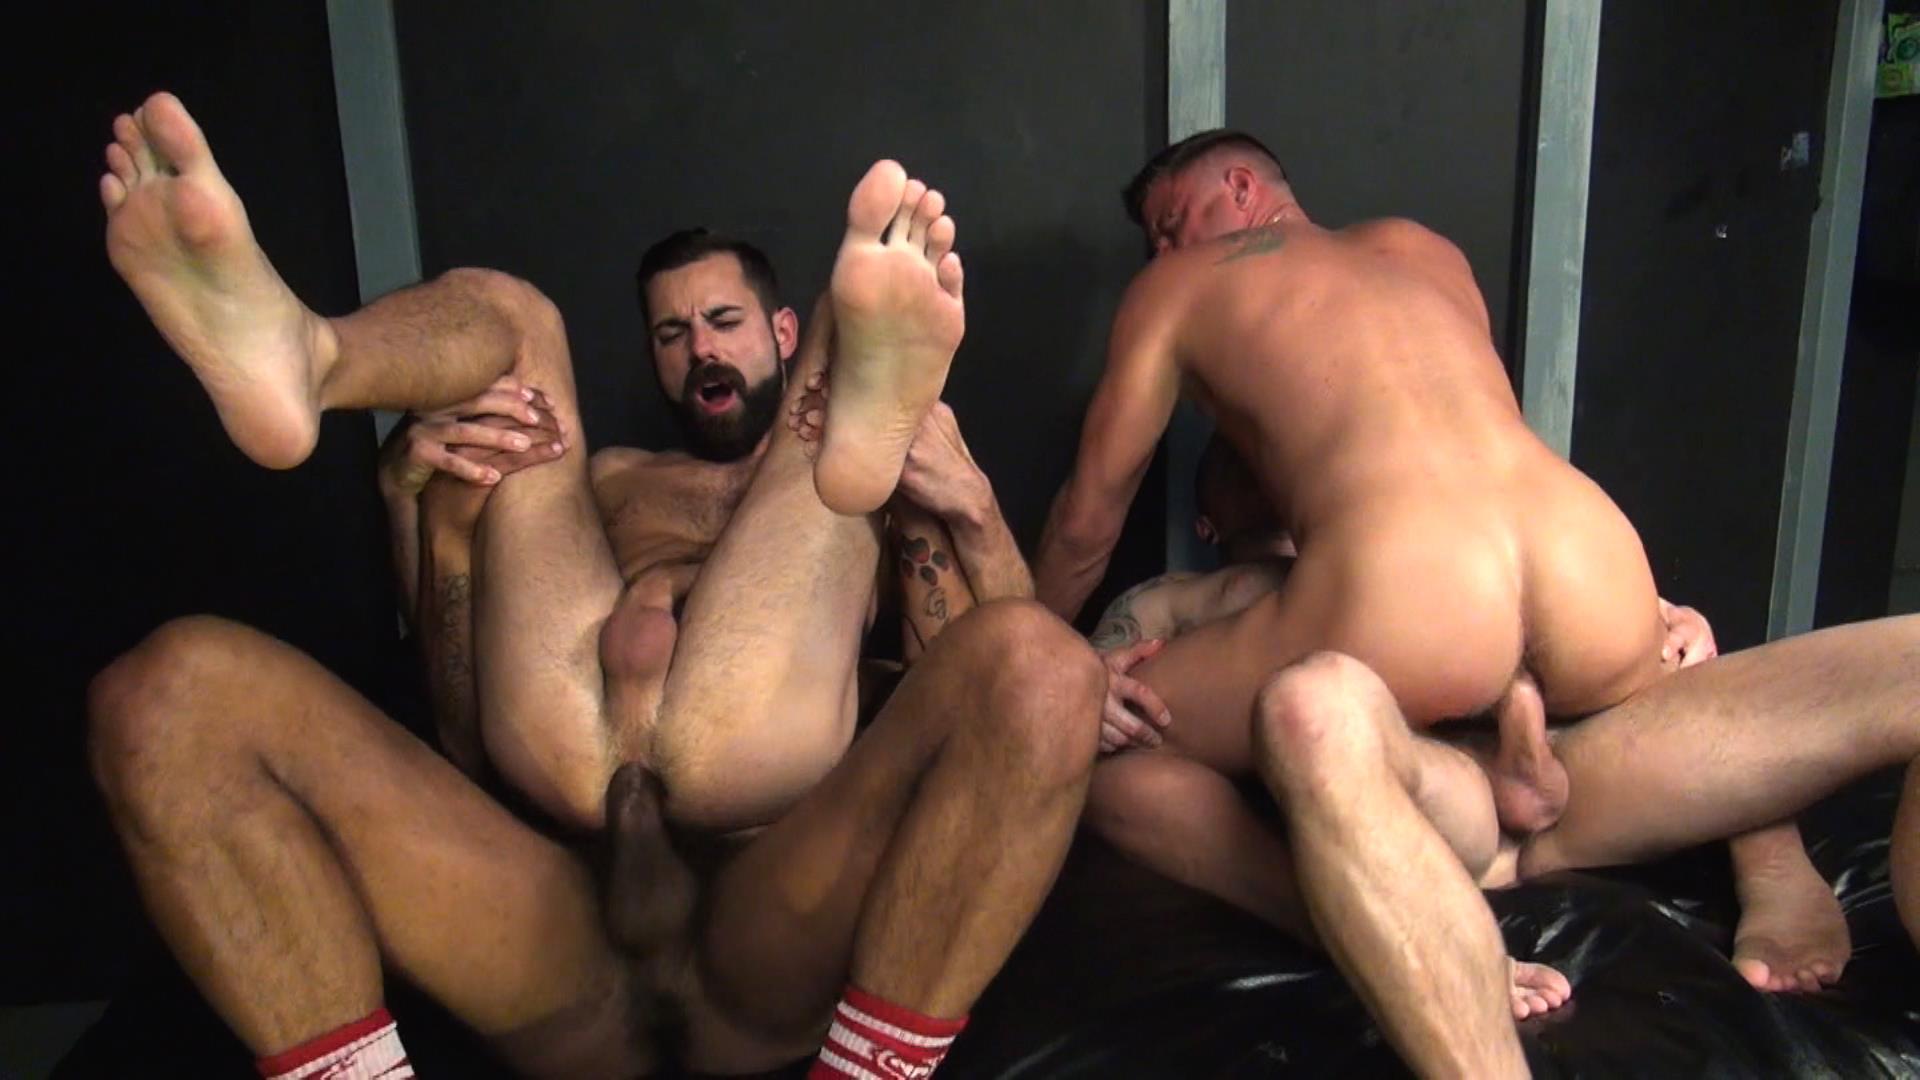 hot gay merging cartoon porn